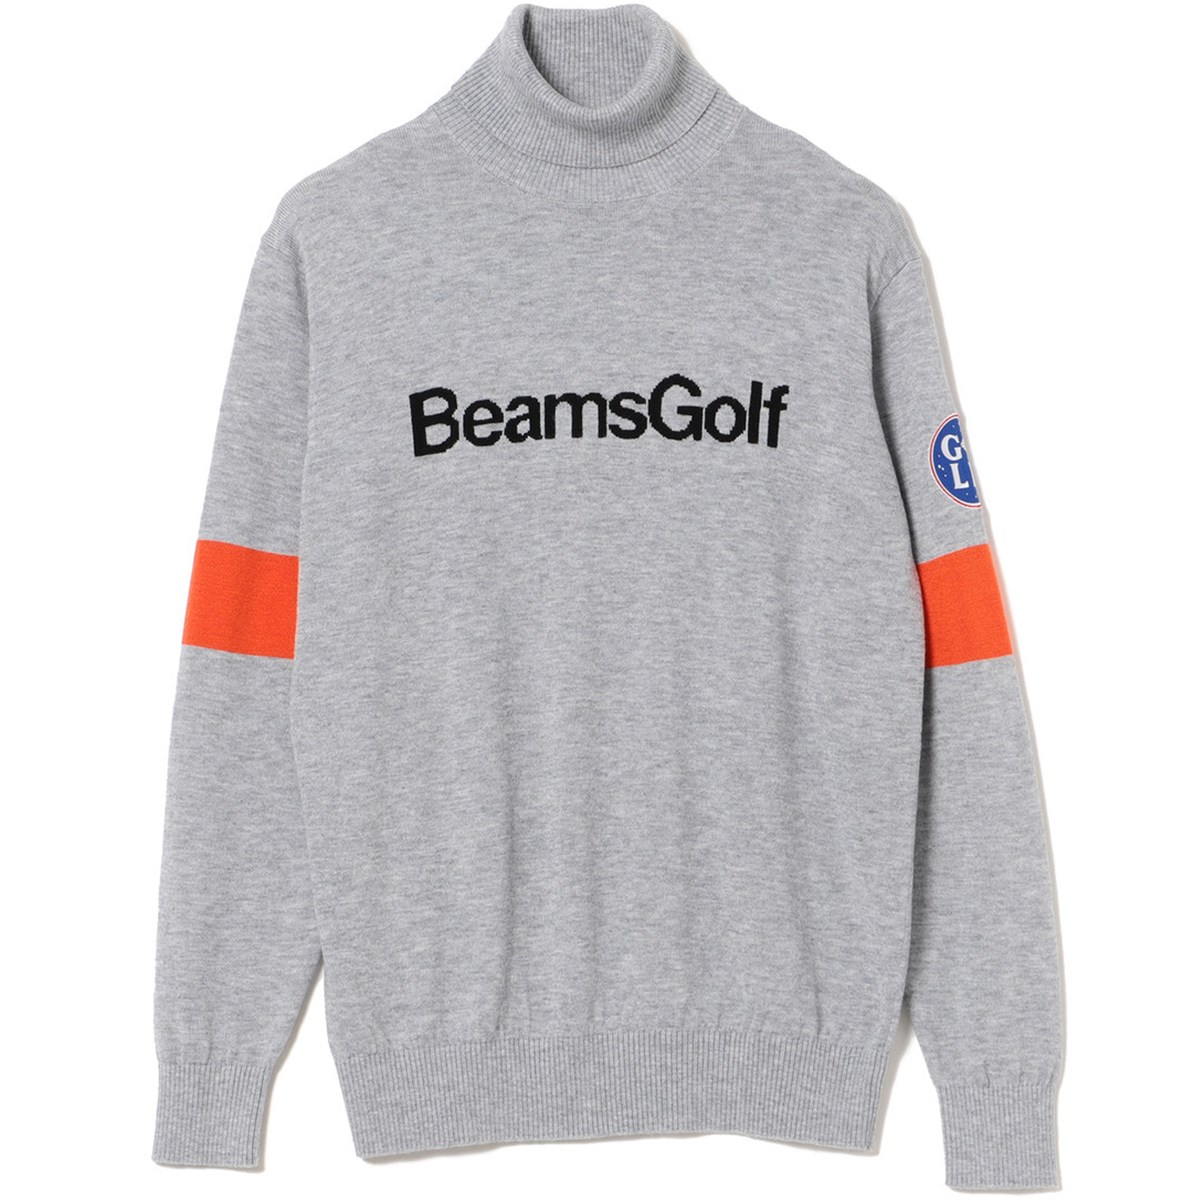 ビームスゴルフ 袖ラインタートルネック セーター